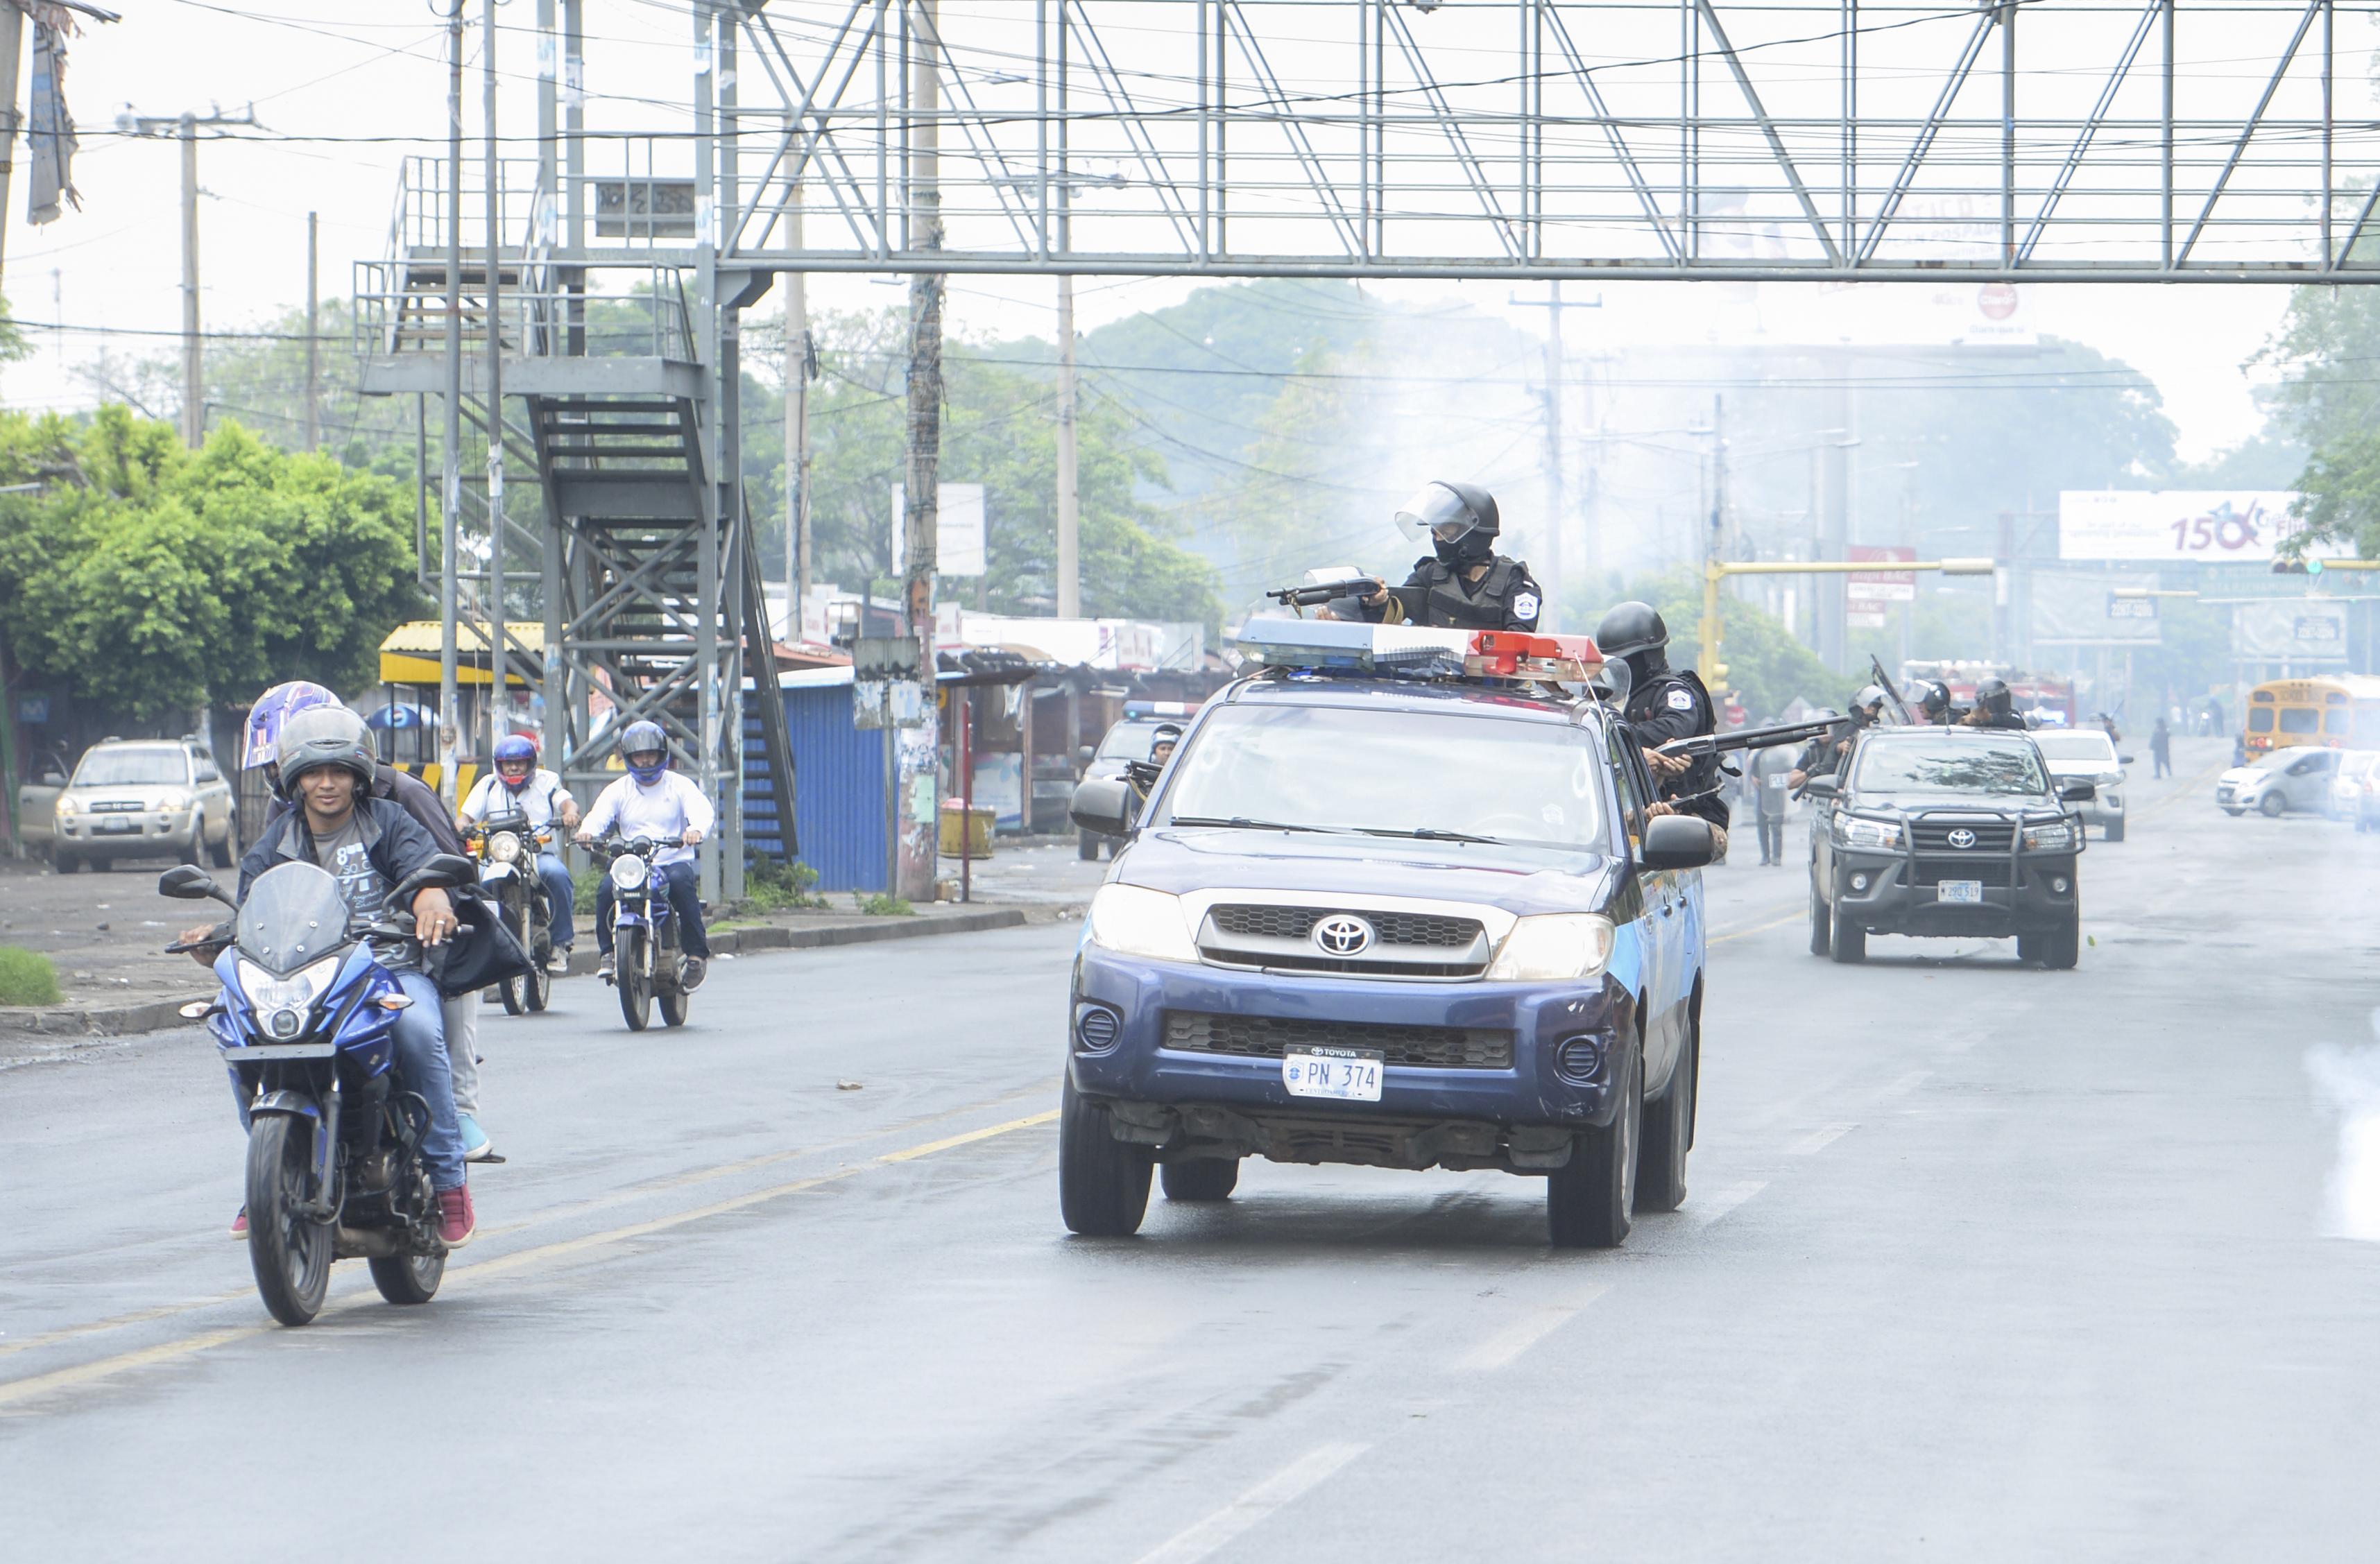 Policía Nacional vuelve a reprimir con armas de fuego en Managua, Foto: La Prensa/W.López